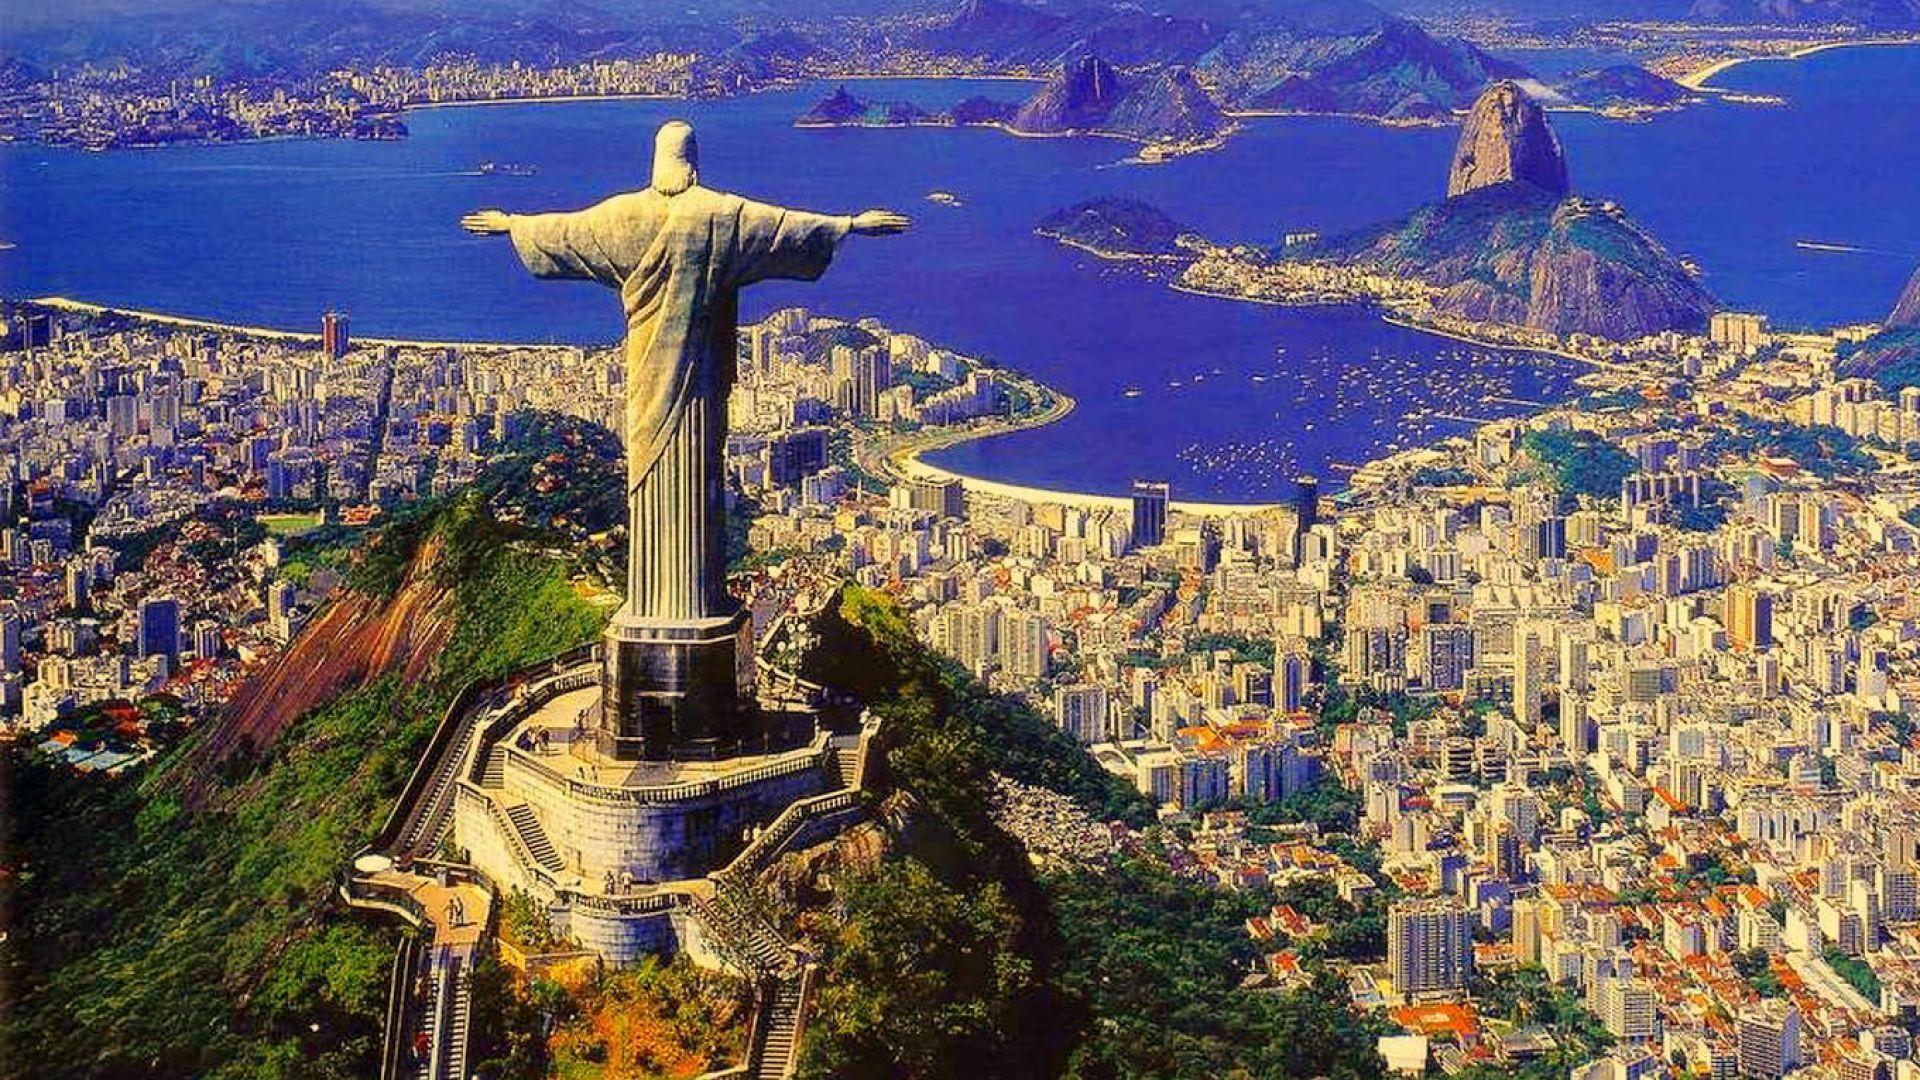 Кметството в Рио де Жанейро обяви процедура по несъстоятелност